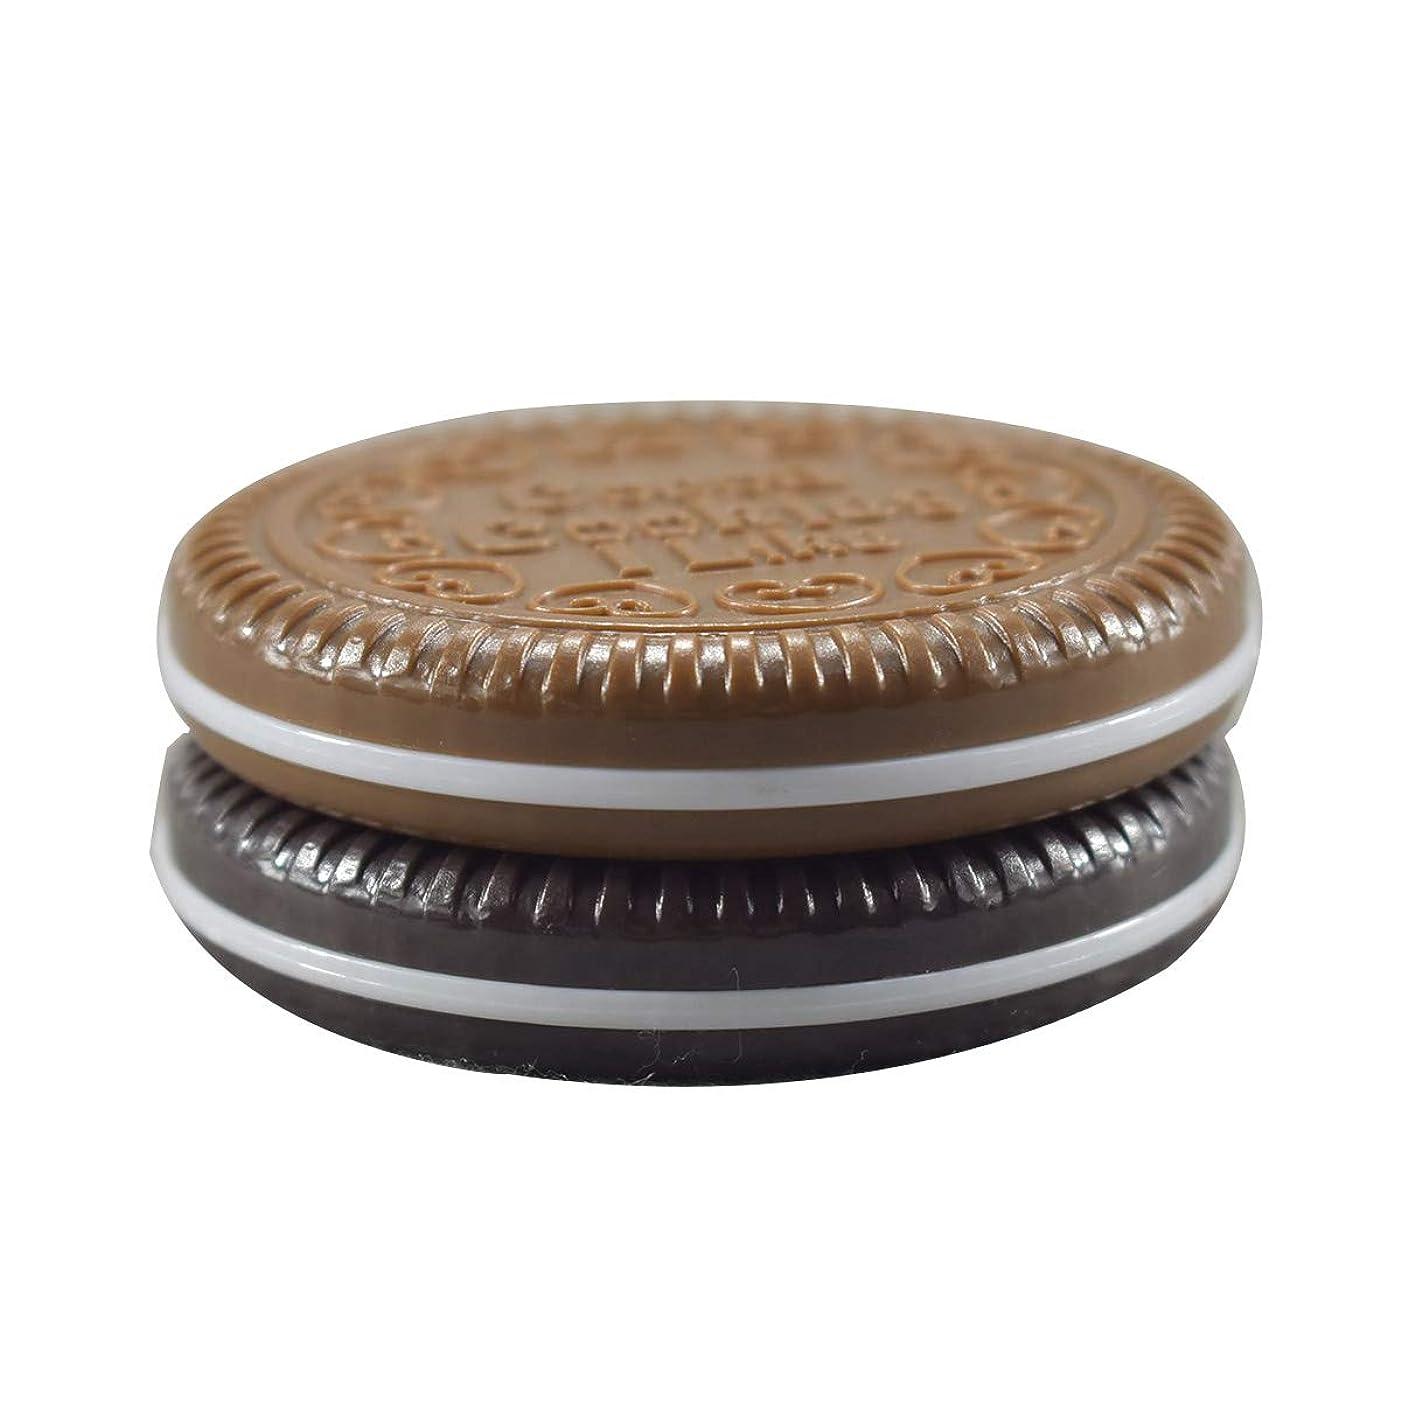 Frcolor 化粧鏡 携帯ミラー 折りたたみミラー 化粧ミラー コンパクトミラー 丸型 持ち運びに便利 チョコレートクッキー柄 コーム付き(ランダムカラー)